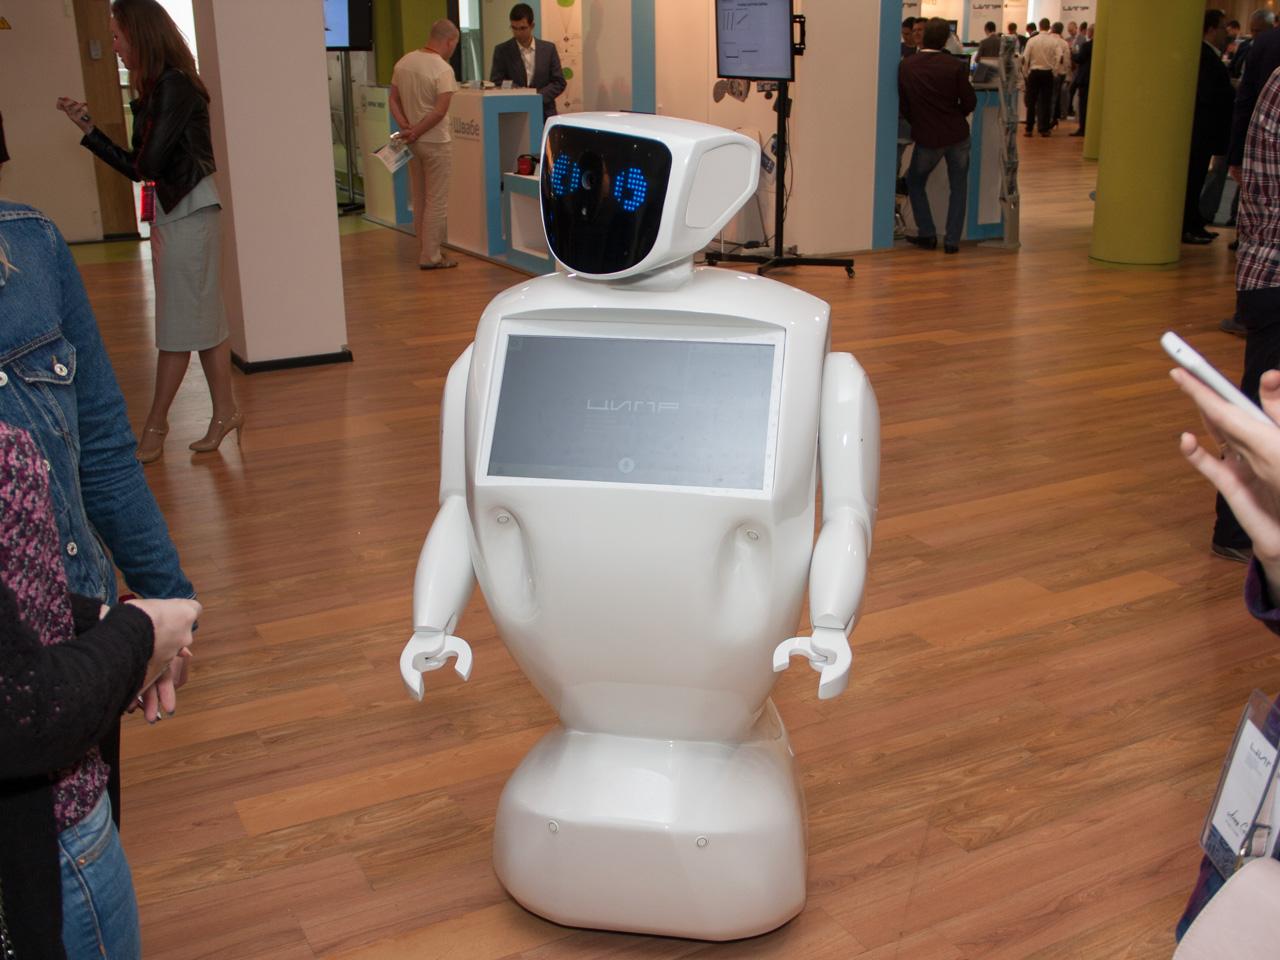 BARS_Robot